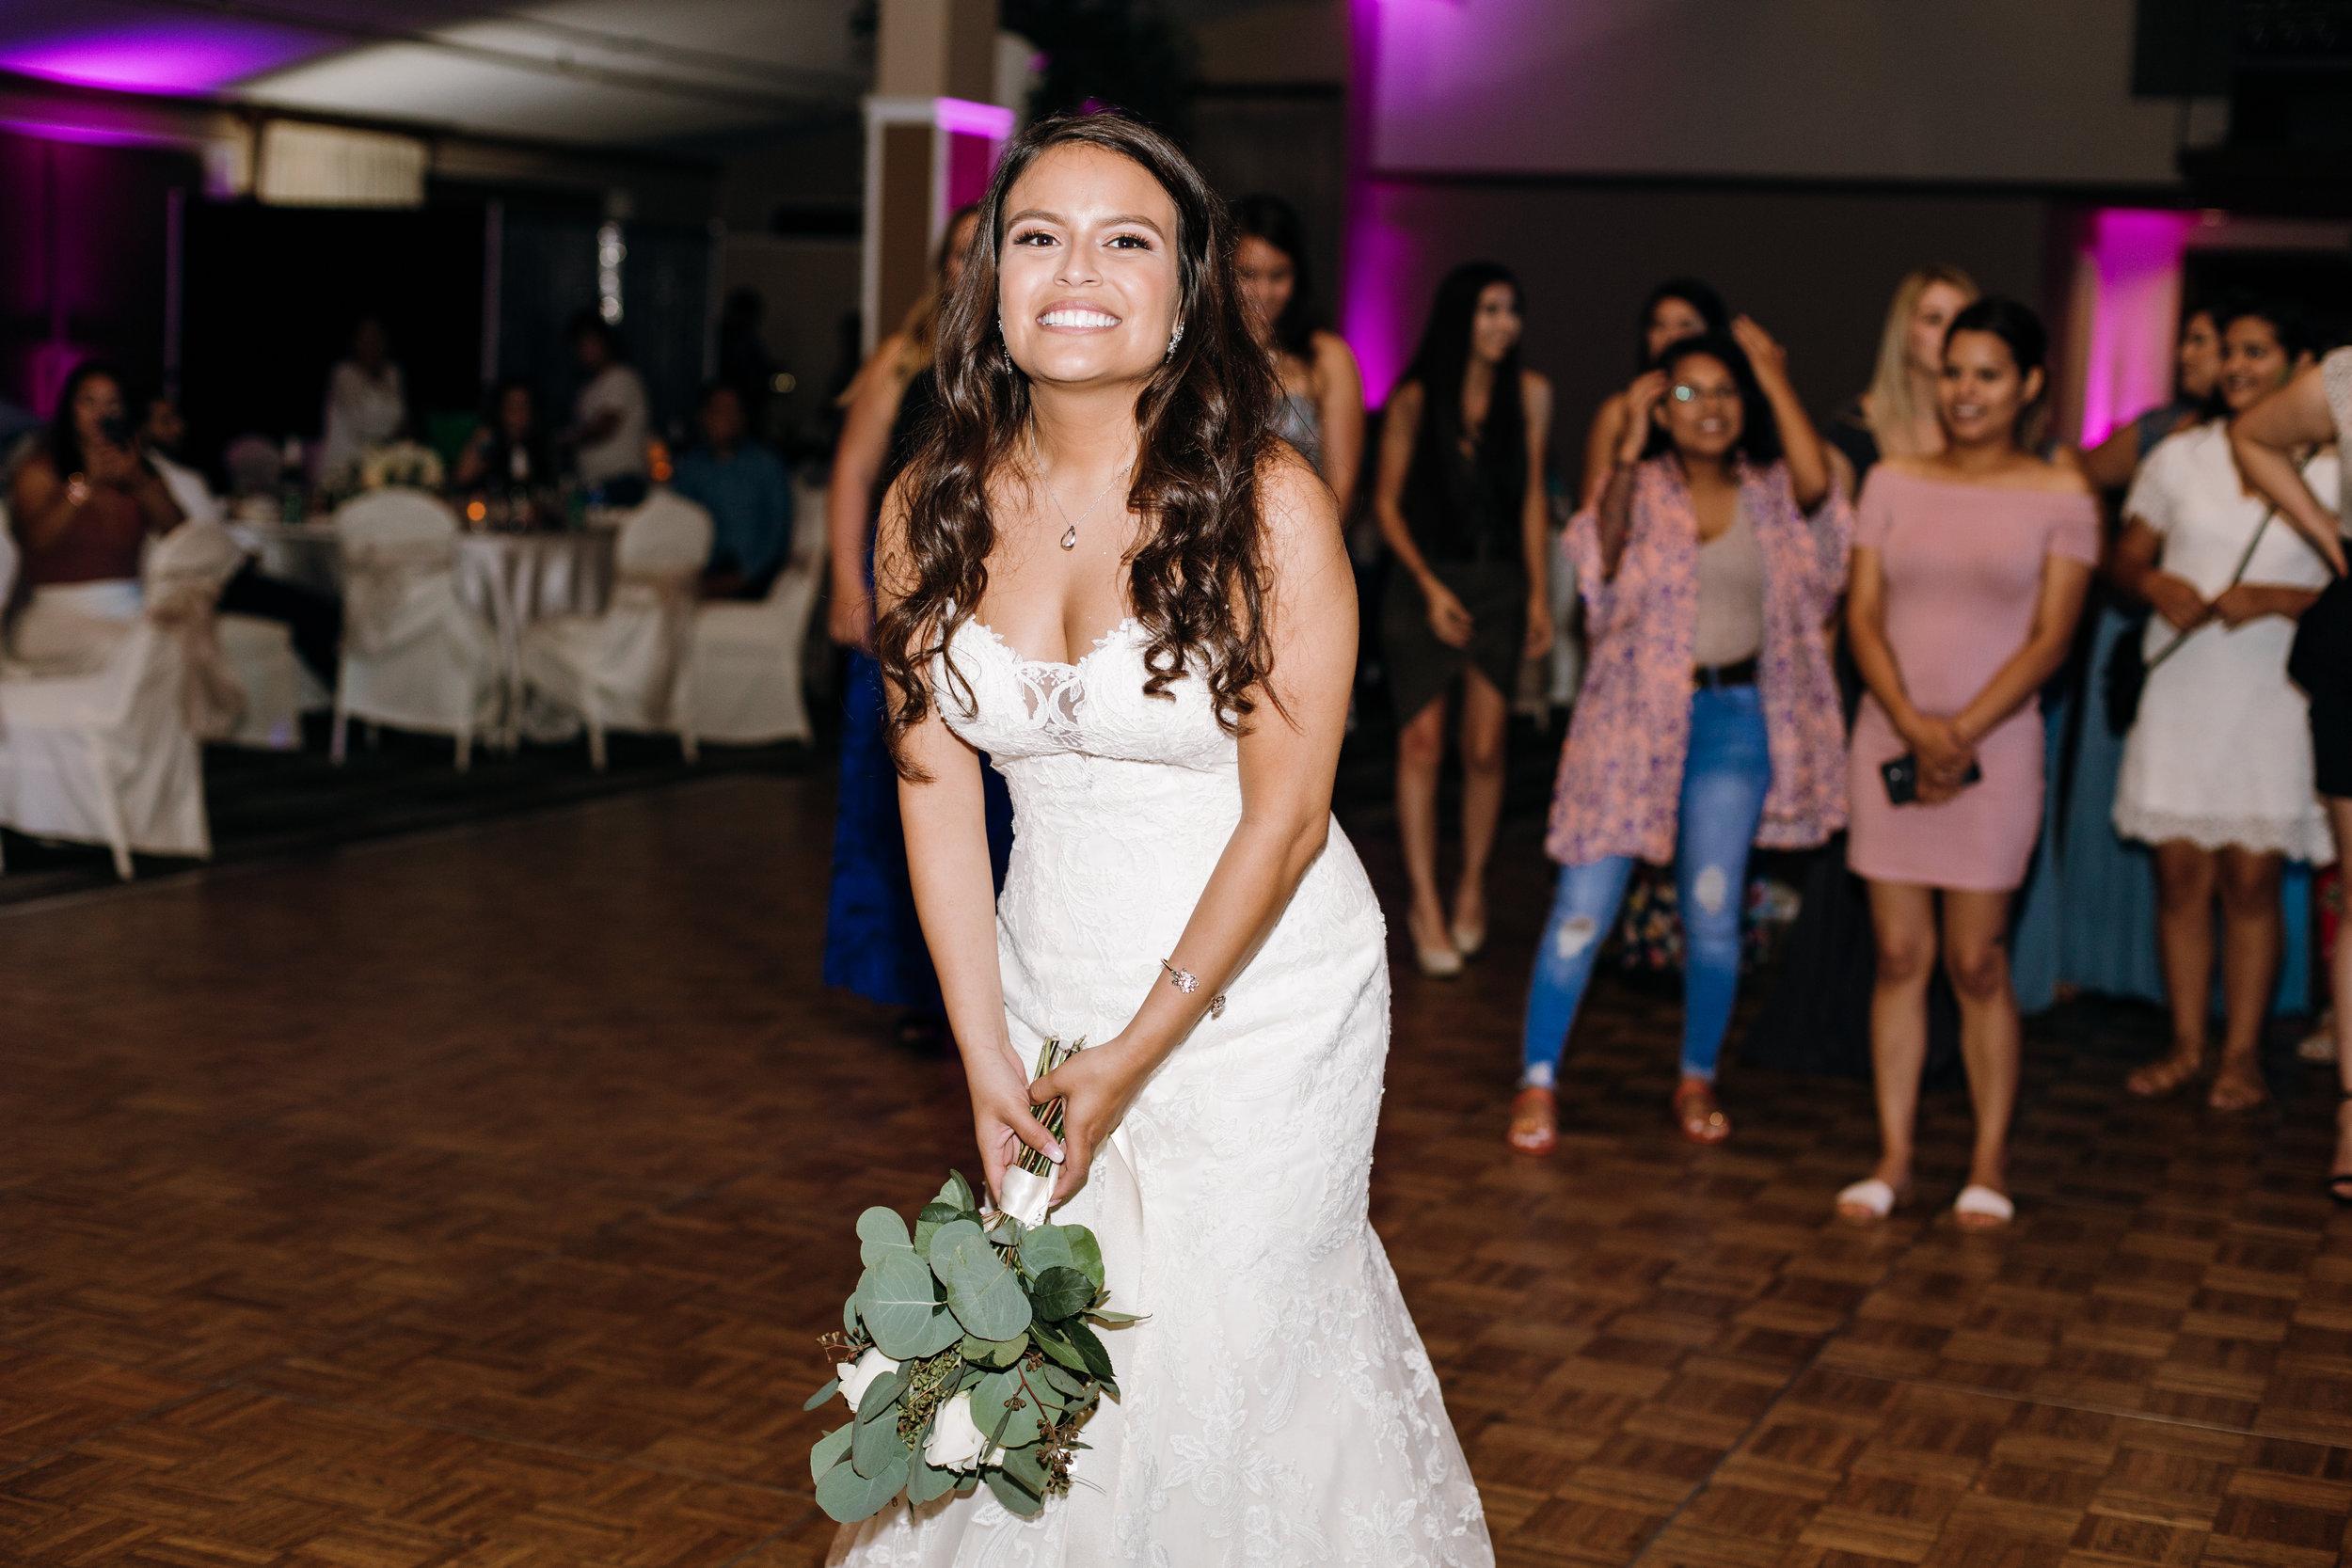 KaraNixonWeddings-SanDiego-Wedding-60.jpg